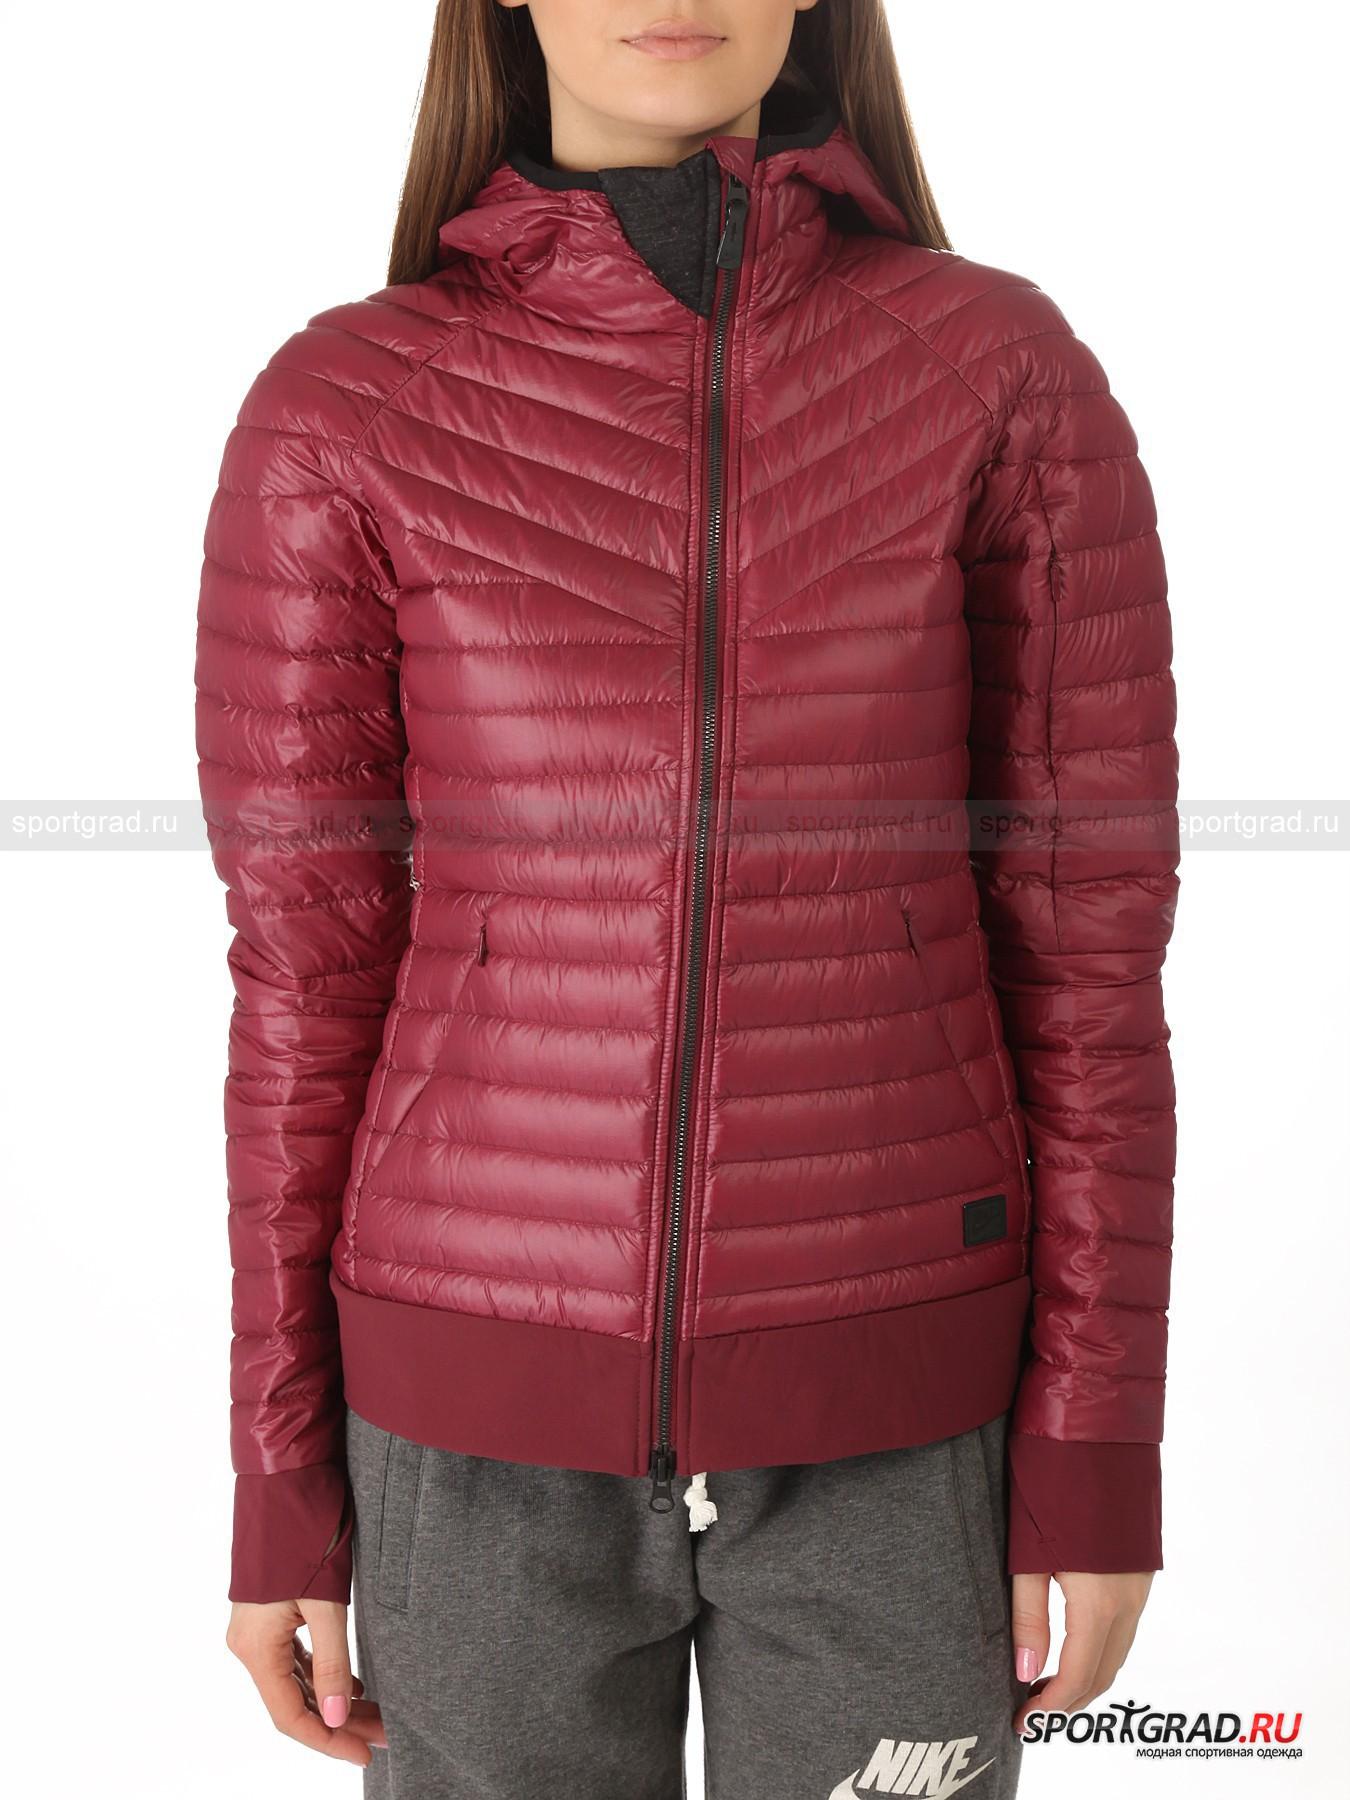 Куртка женская стеганая Echelon jacket 900 hooded NIKE на пуху